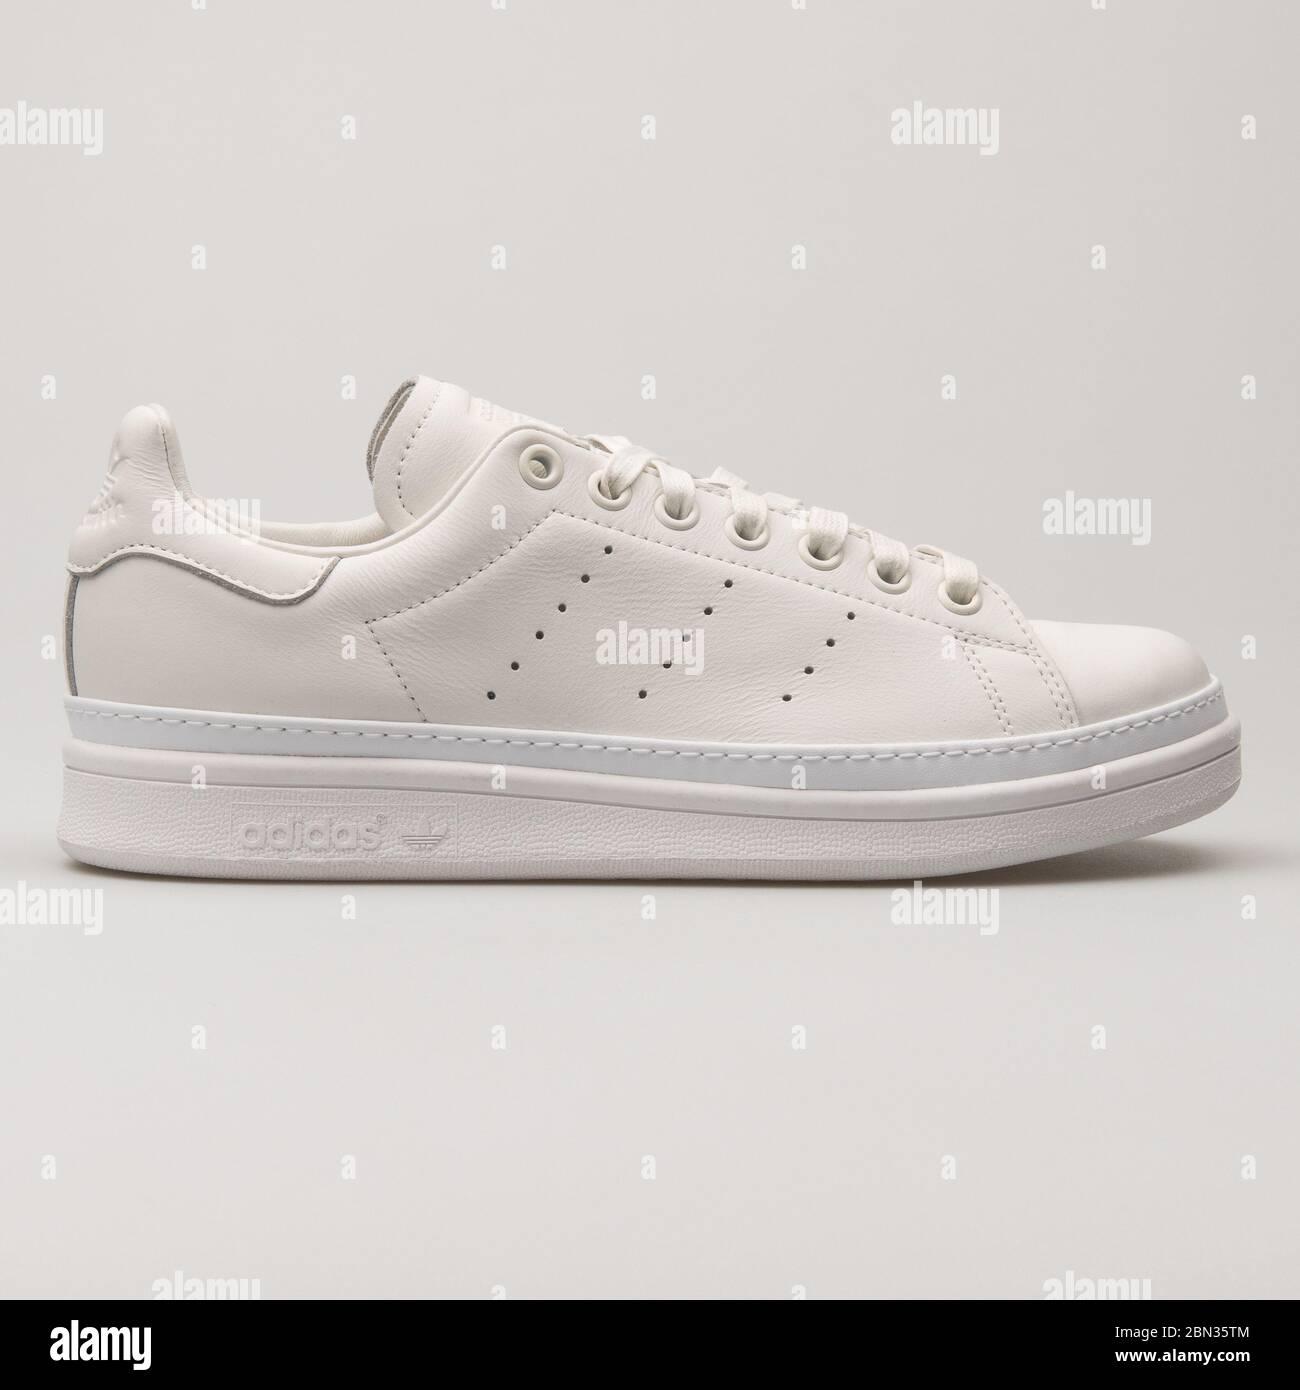 Adidas Stan Smith Bold white sneaker on